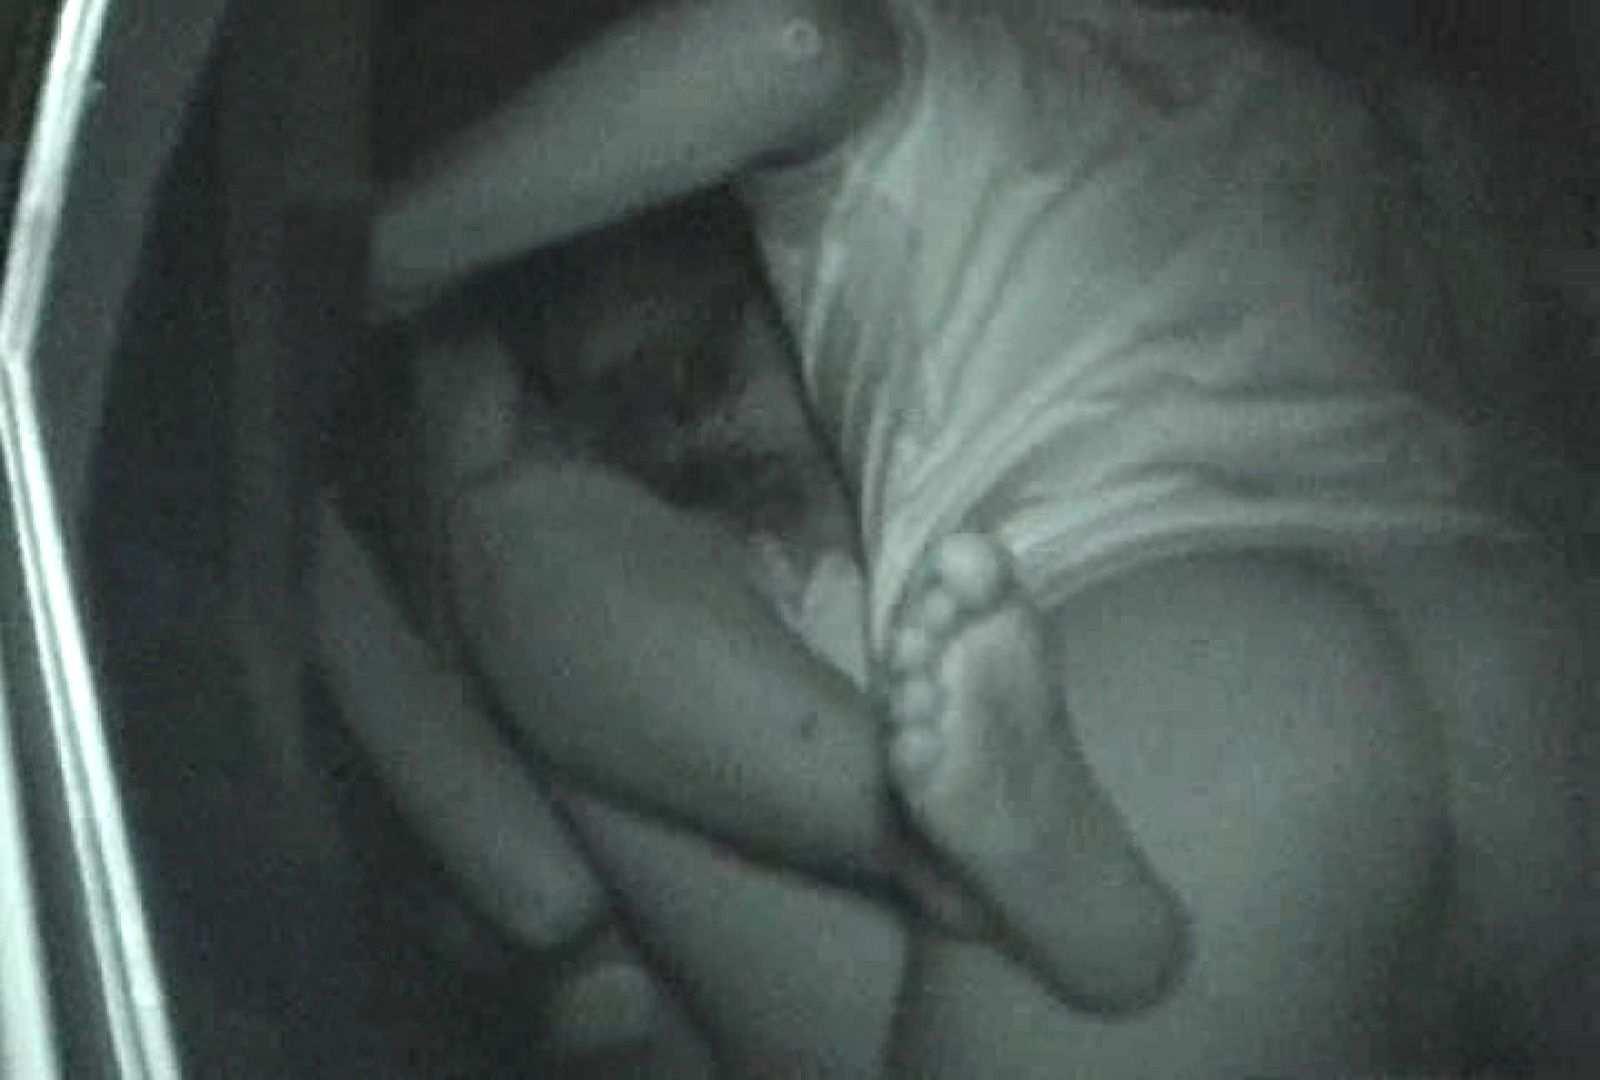 充血監督の深夜の運動会Vol.47 美しいOLの裸体 オメコ無修正動画無料 72pic 44